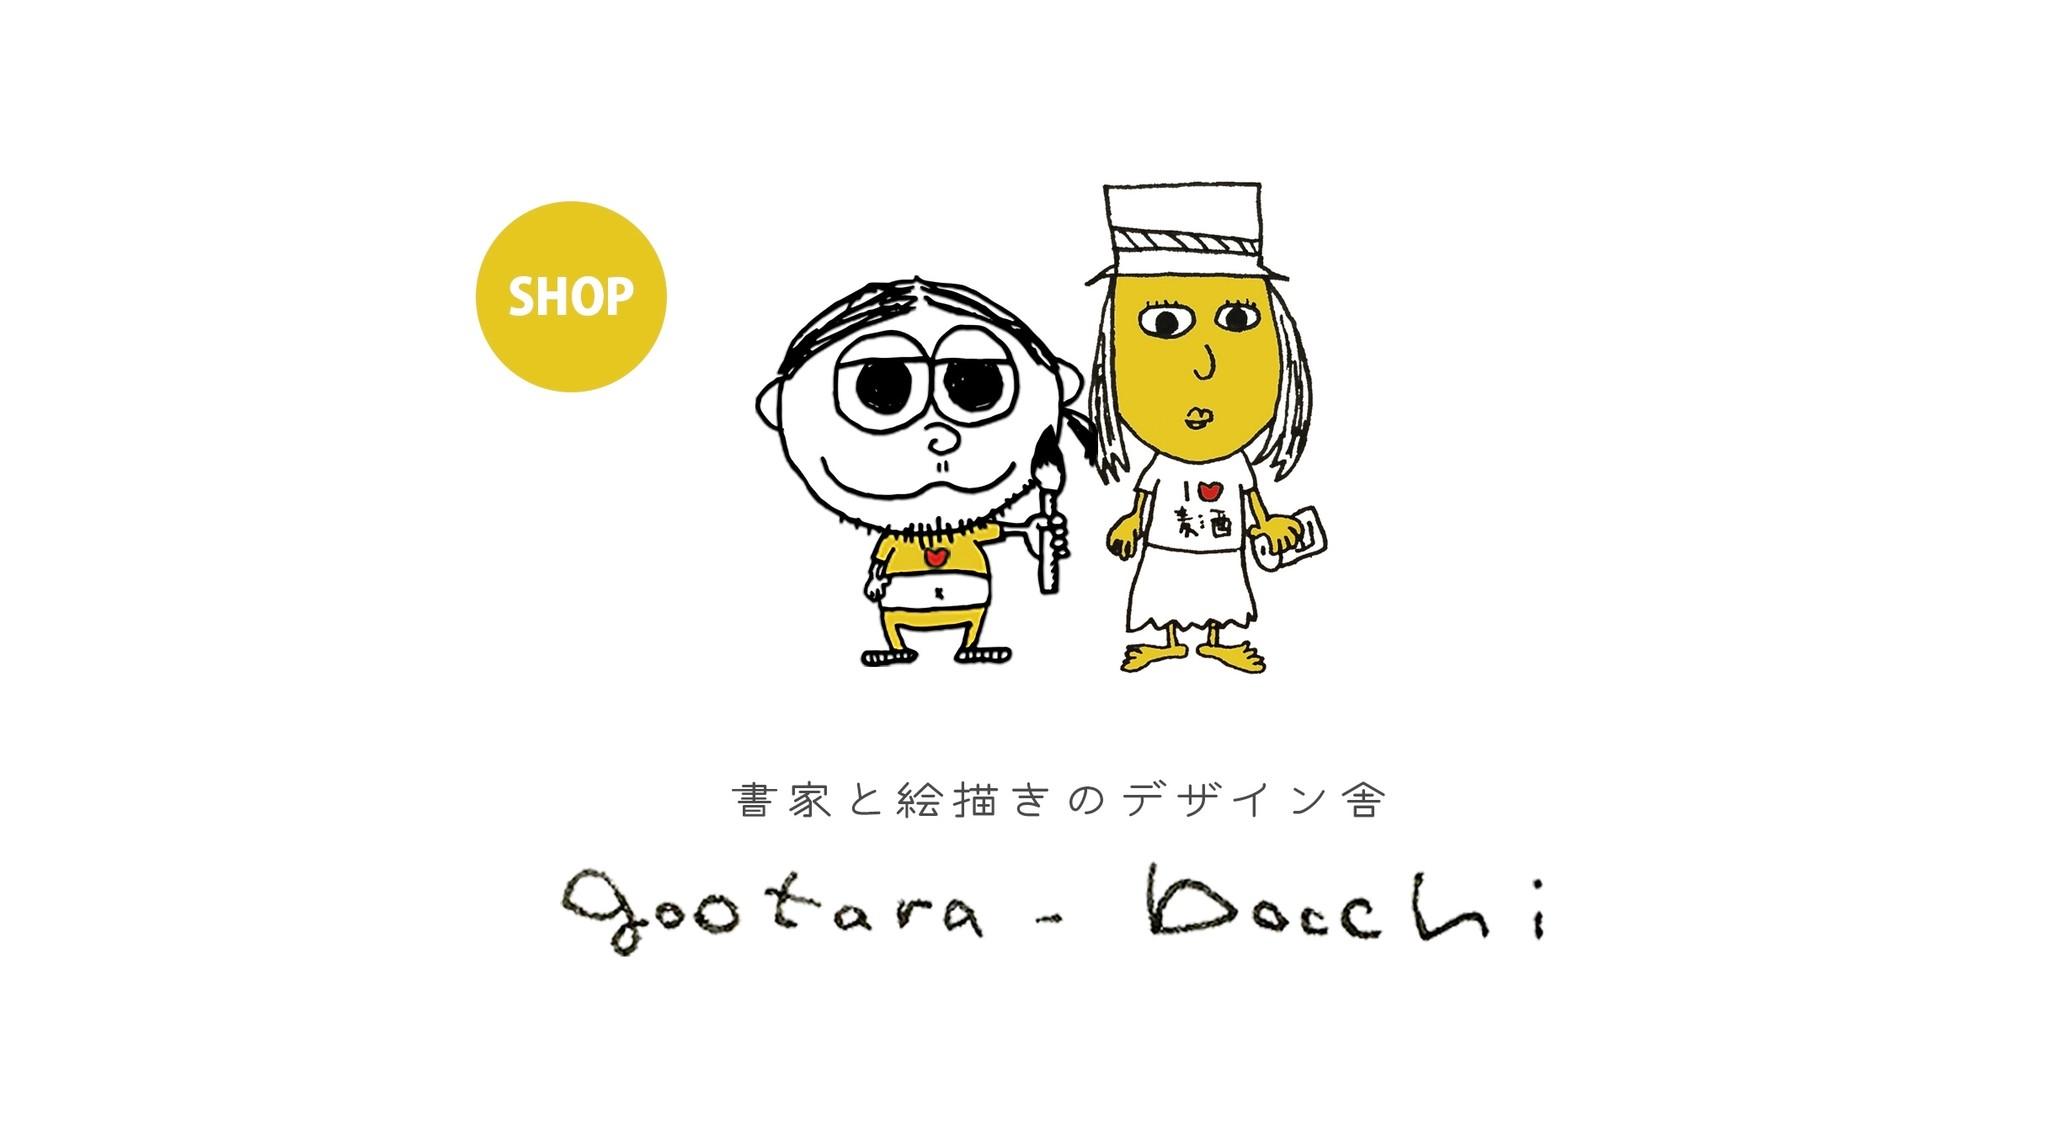 gootara-bocchi